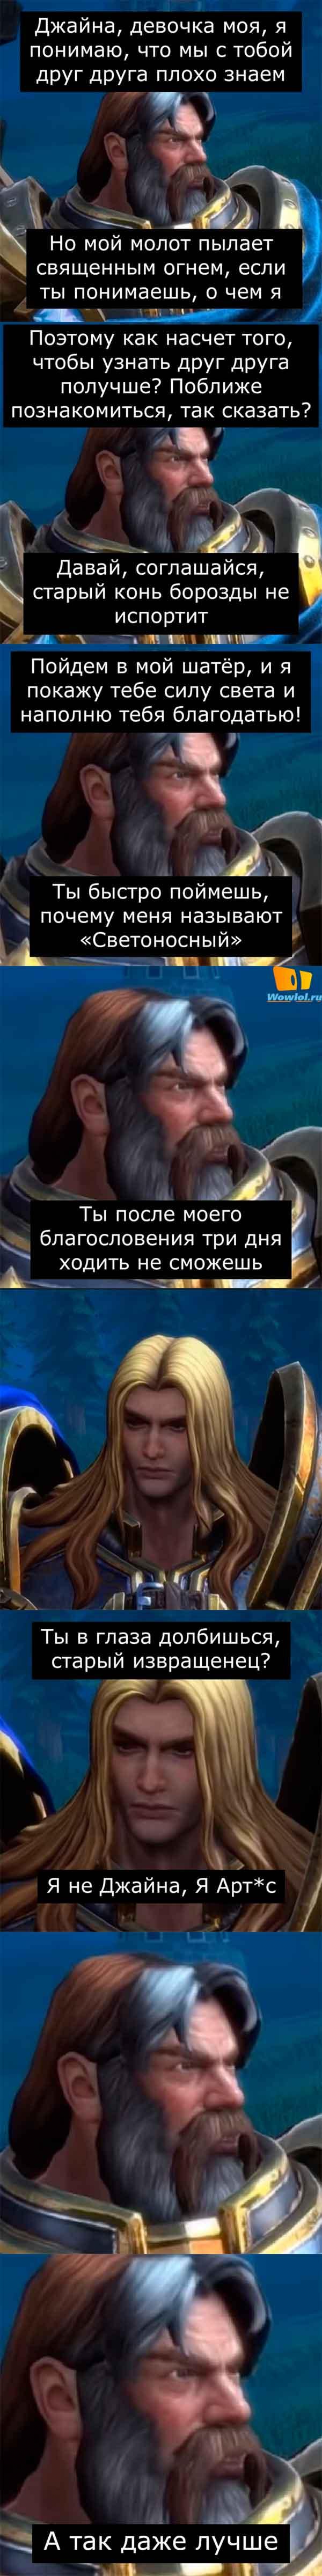 by etozhest1fler